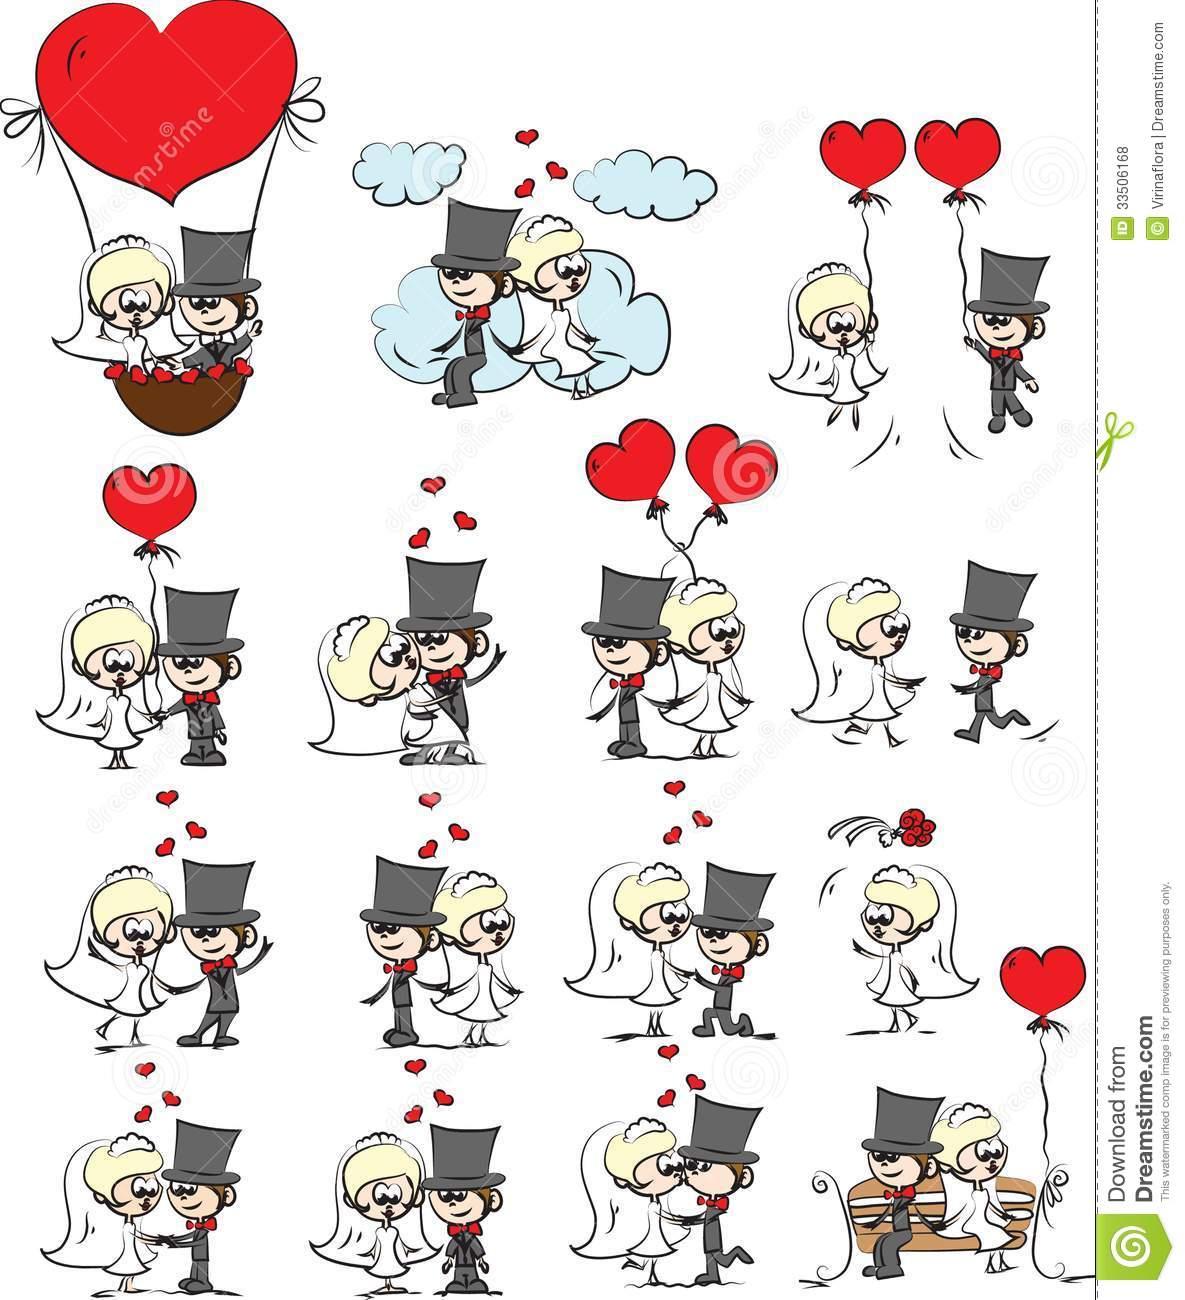 Imagens Do Casamento Dos Desenhos Animados Fotos De Stock Royalty